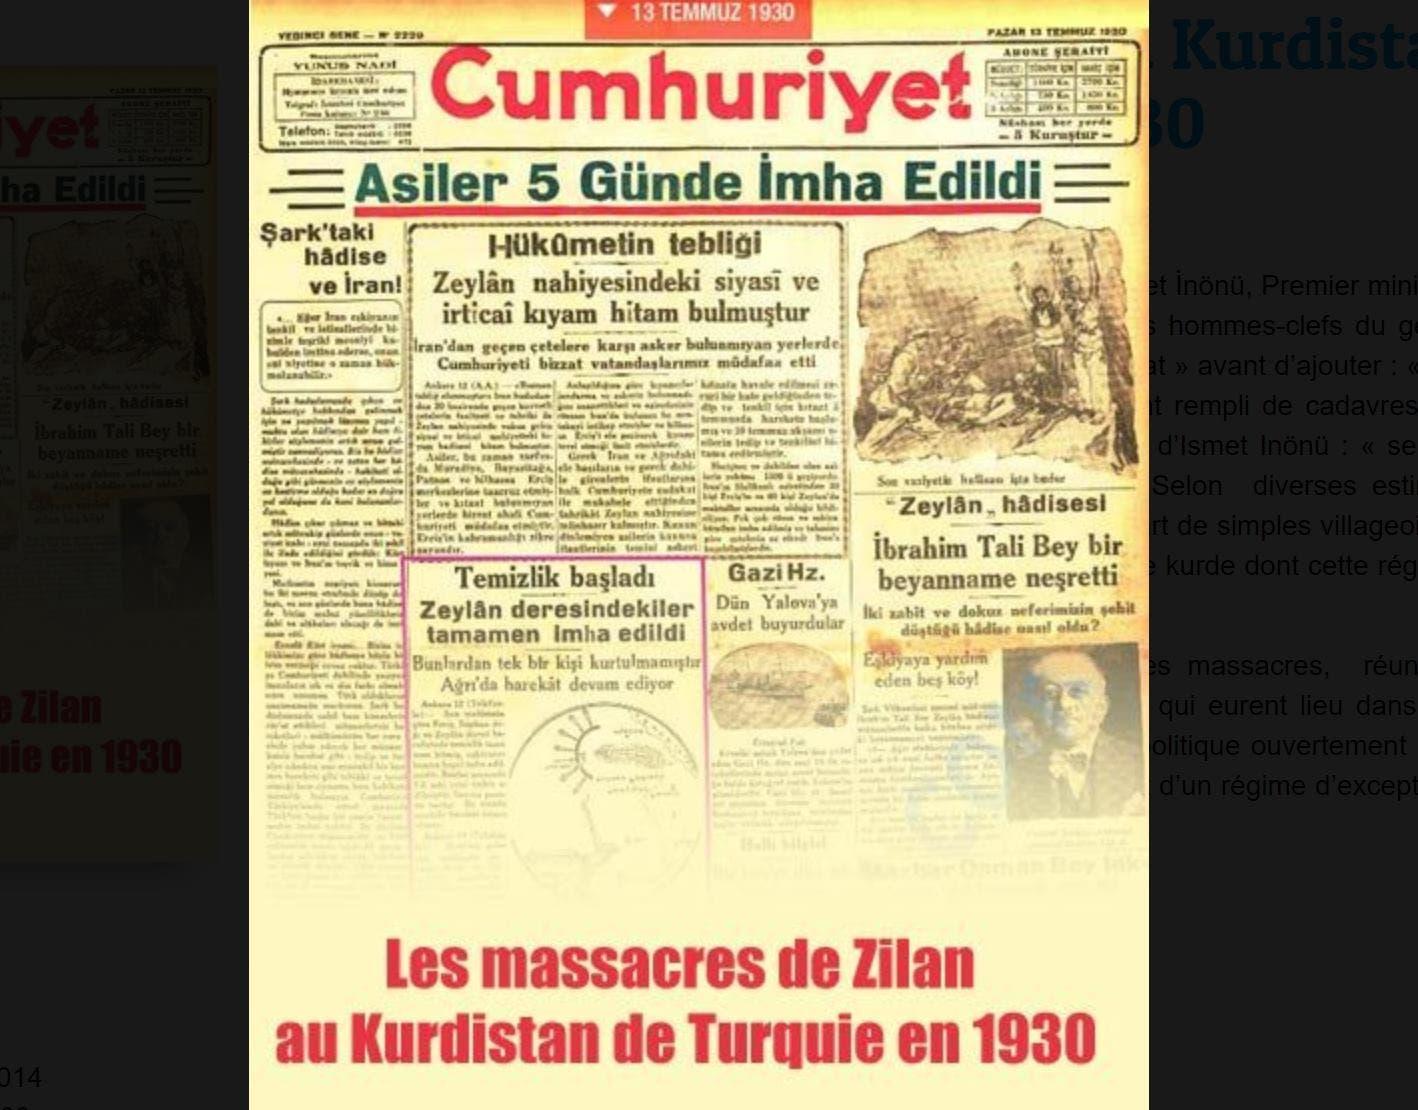 العدد الصادر يوم 16 تموز يوليو 1930 من مجلة جمهوريات ويبدو فيه التقرير بارزا بالمربع البنفسجي